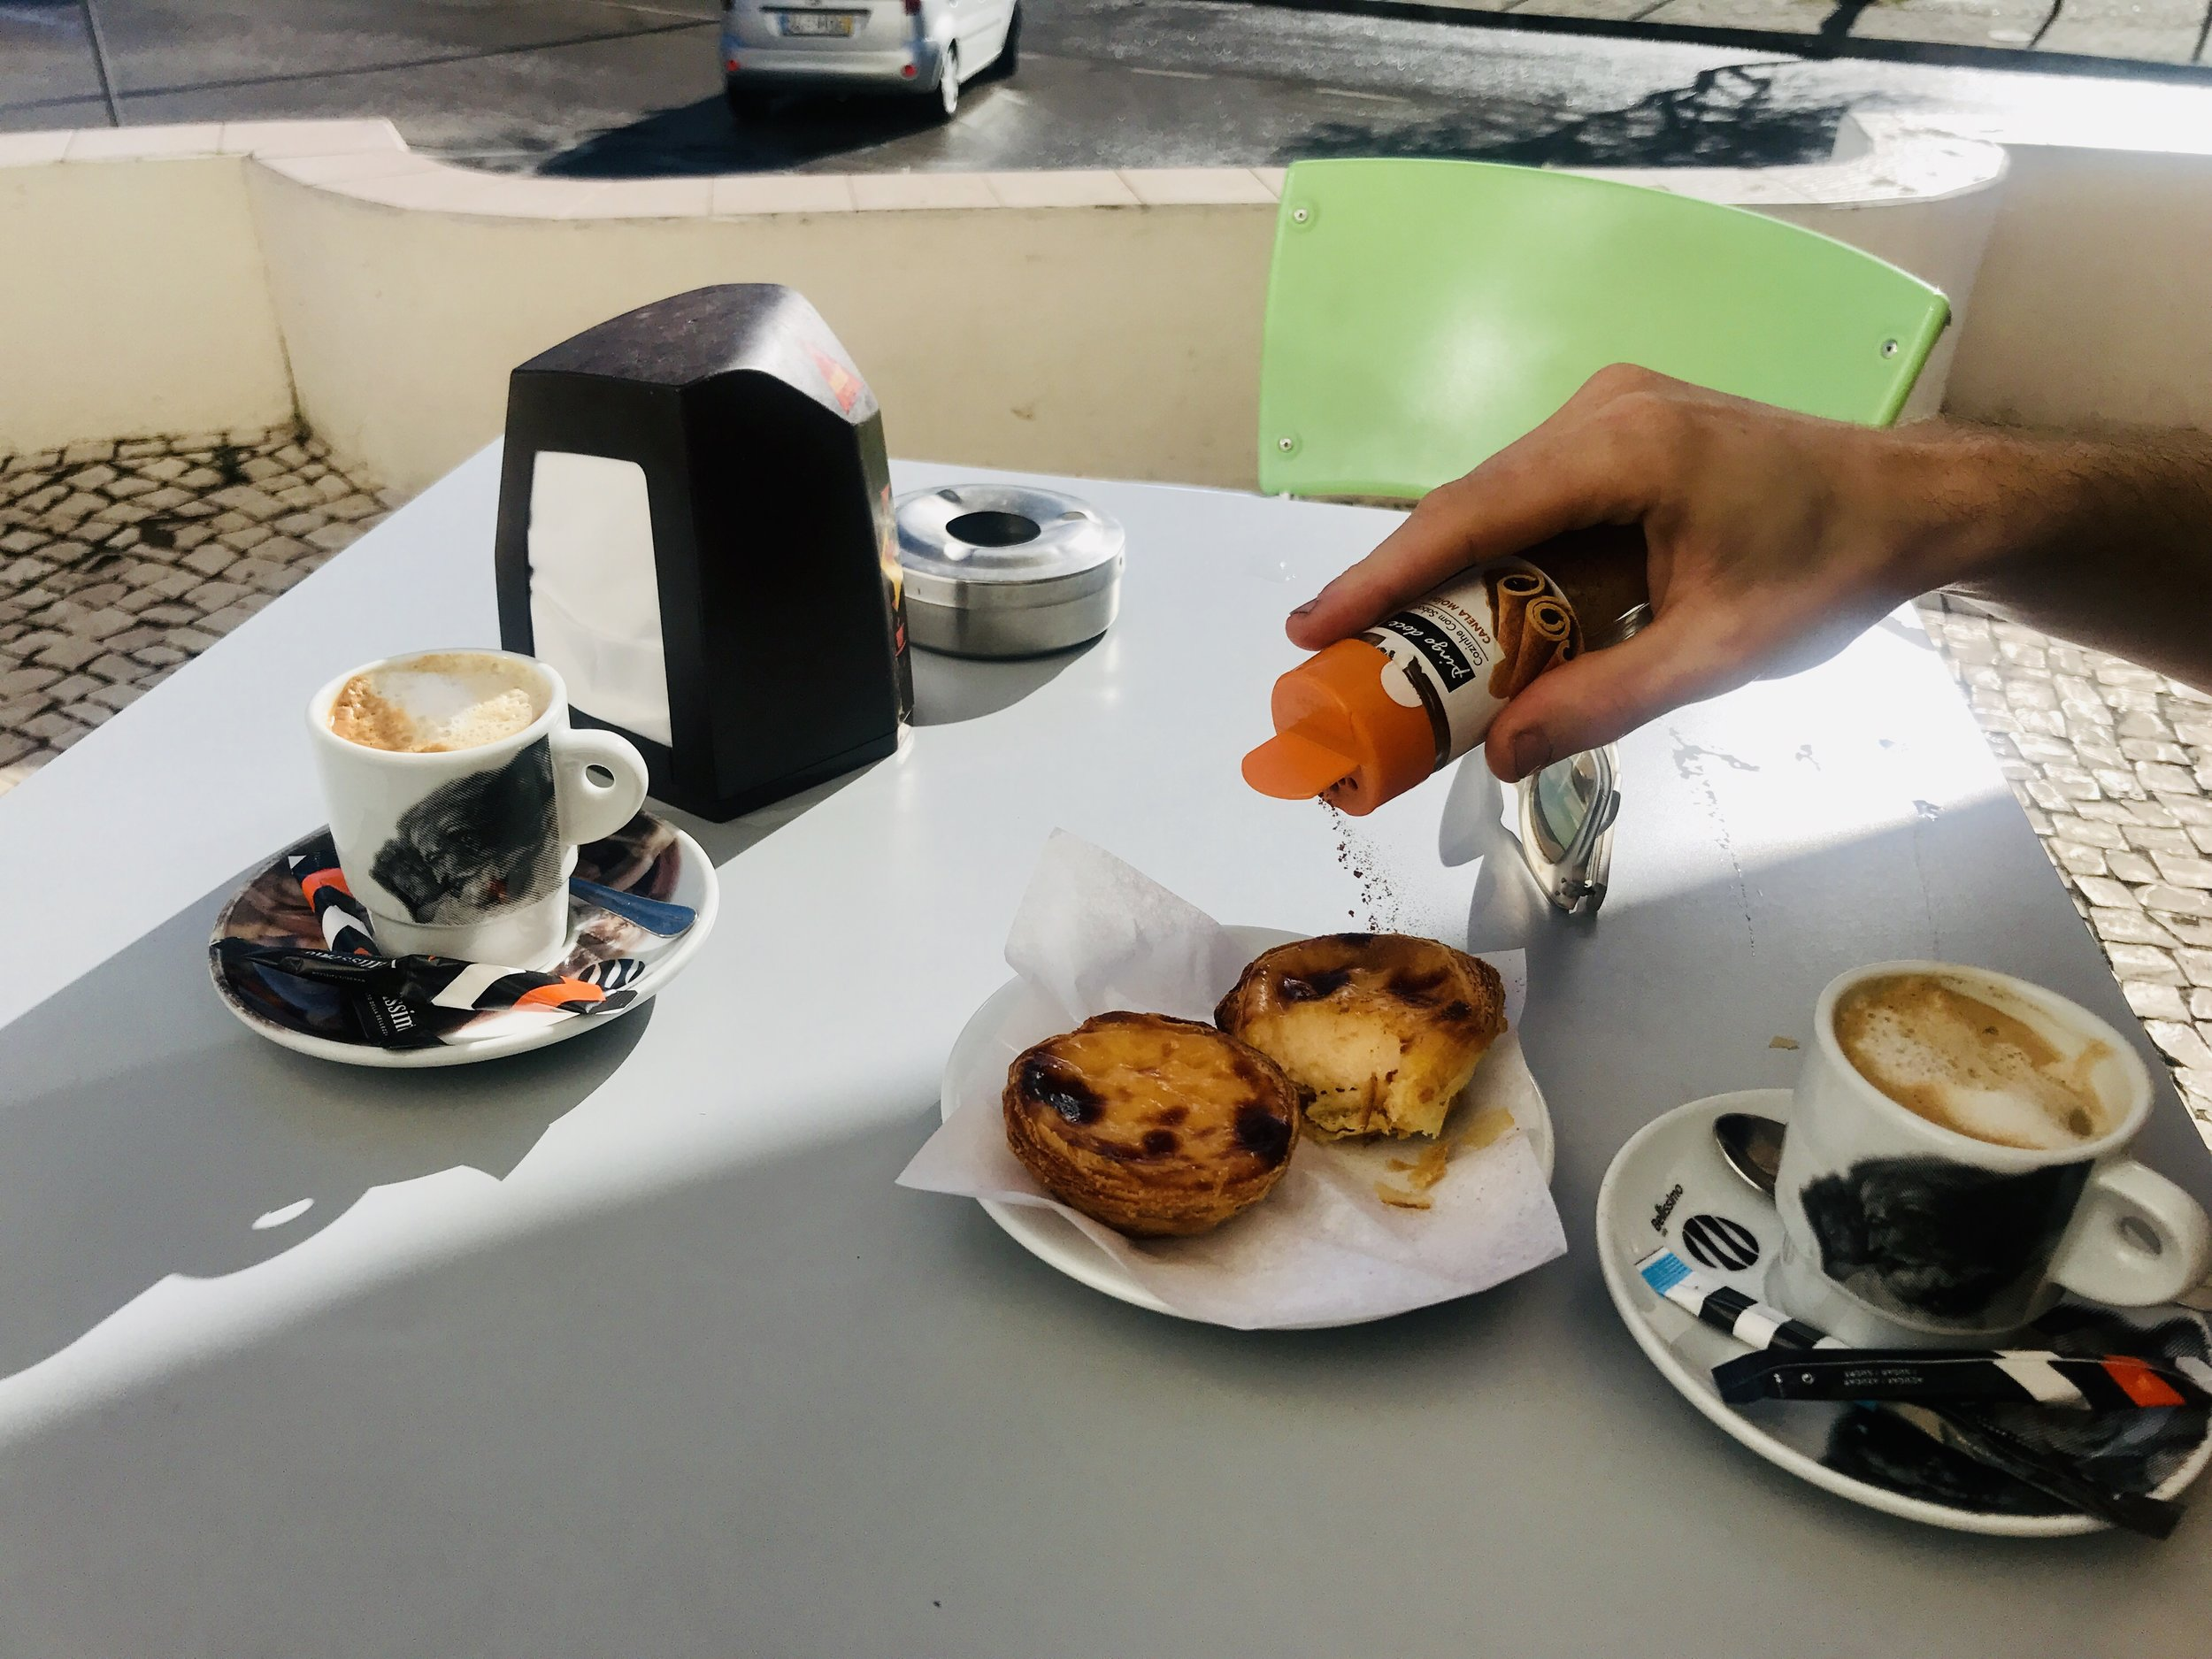 Pastel de Nata in Lagos, Portugal